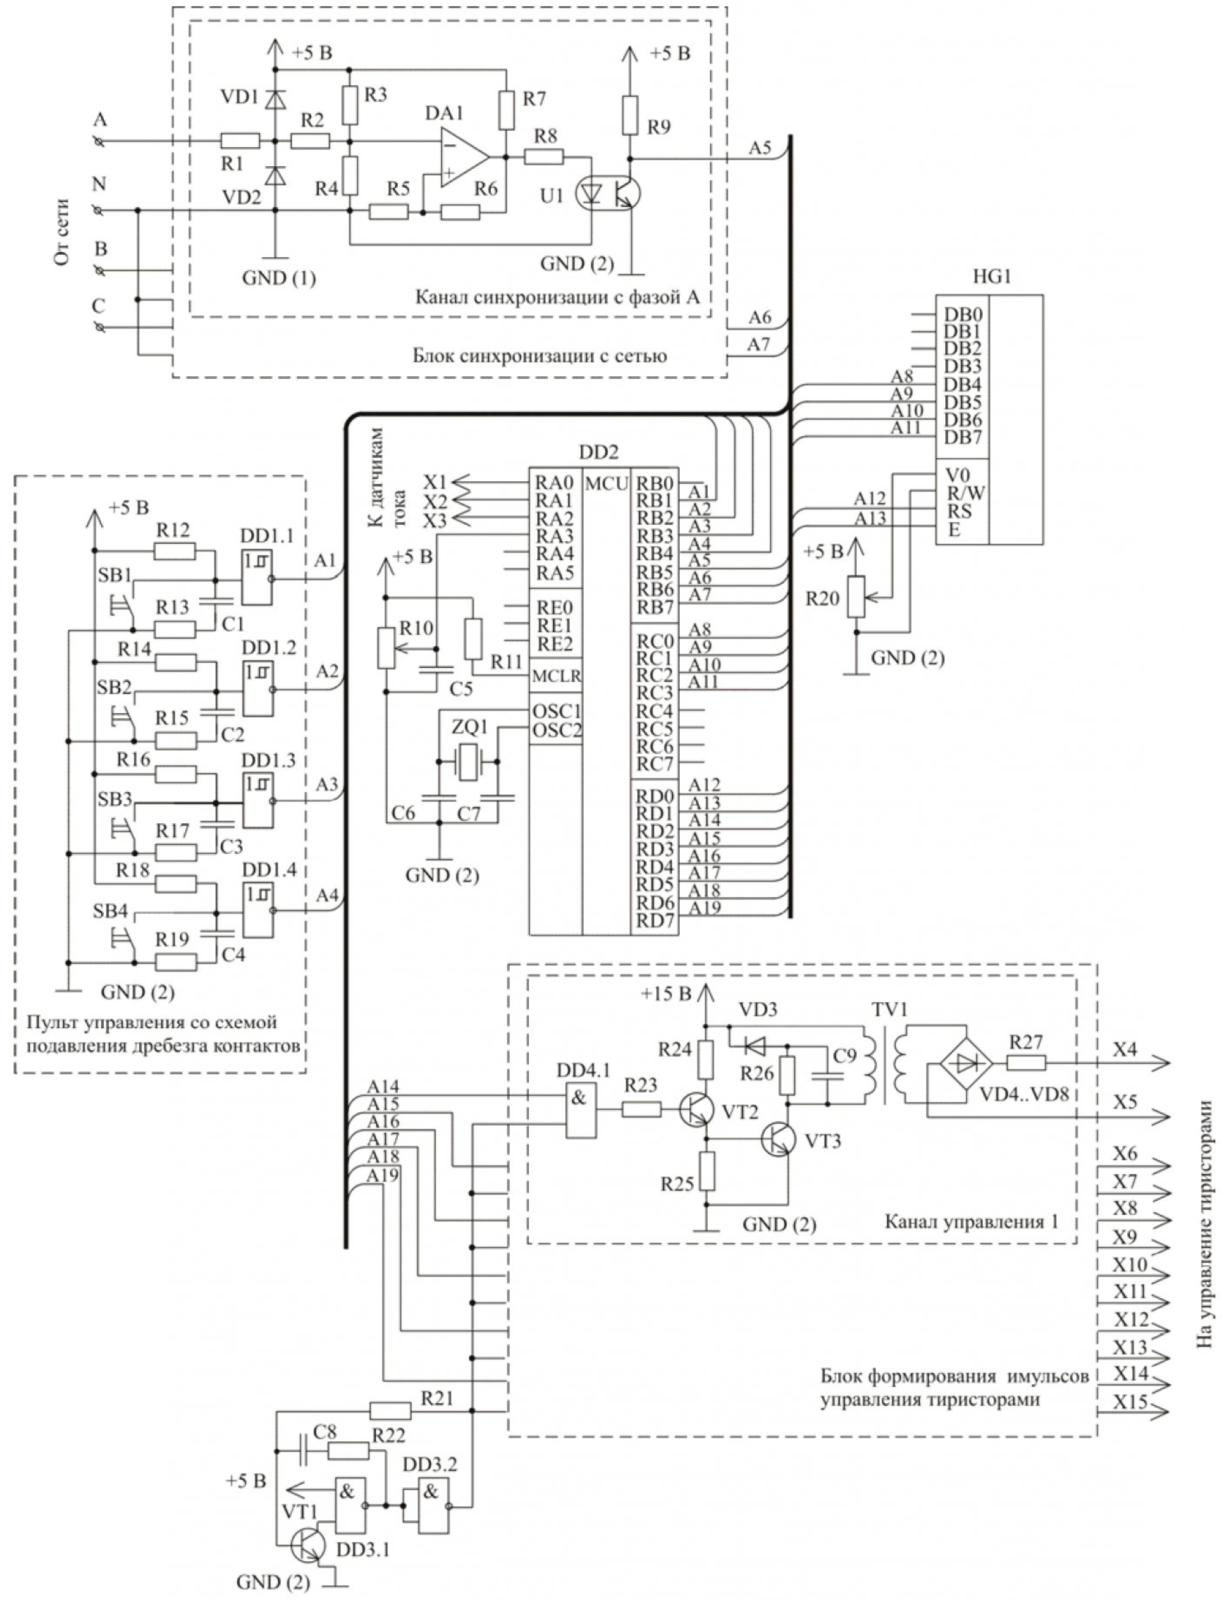 Рисунок 3 – Упрощенная принципиальная электрическая схема системы управления УПП